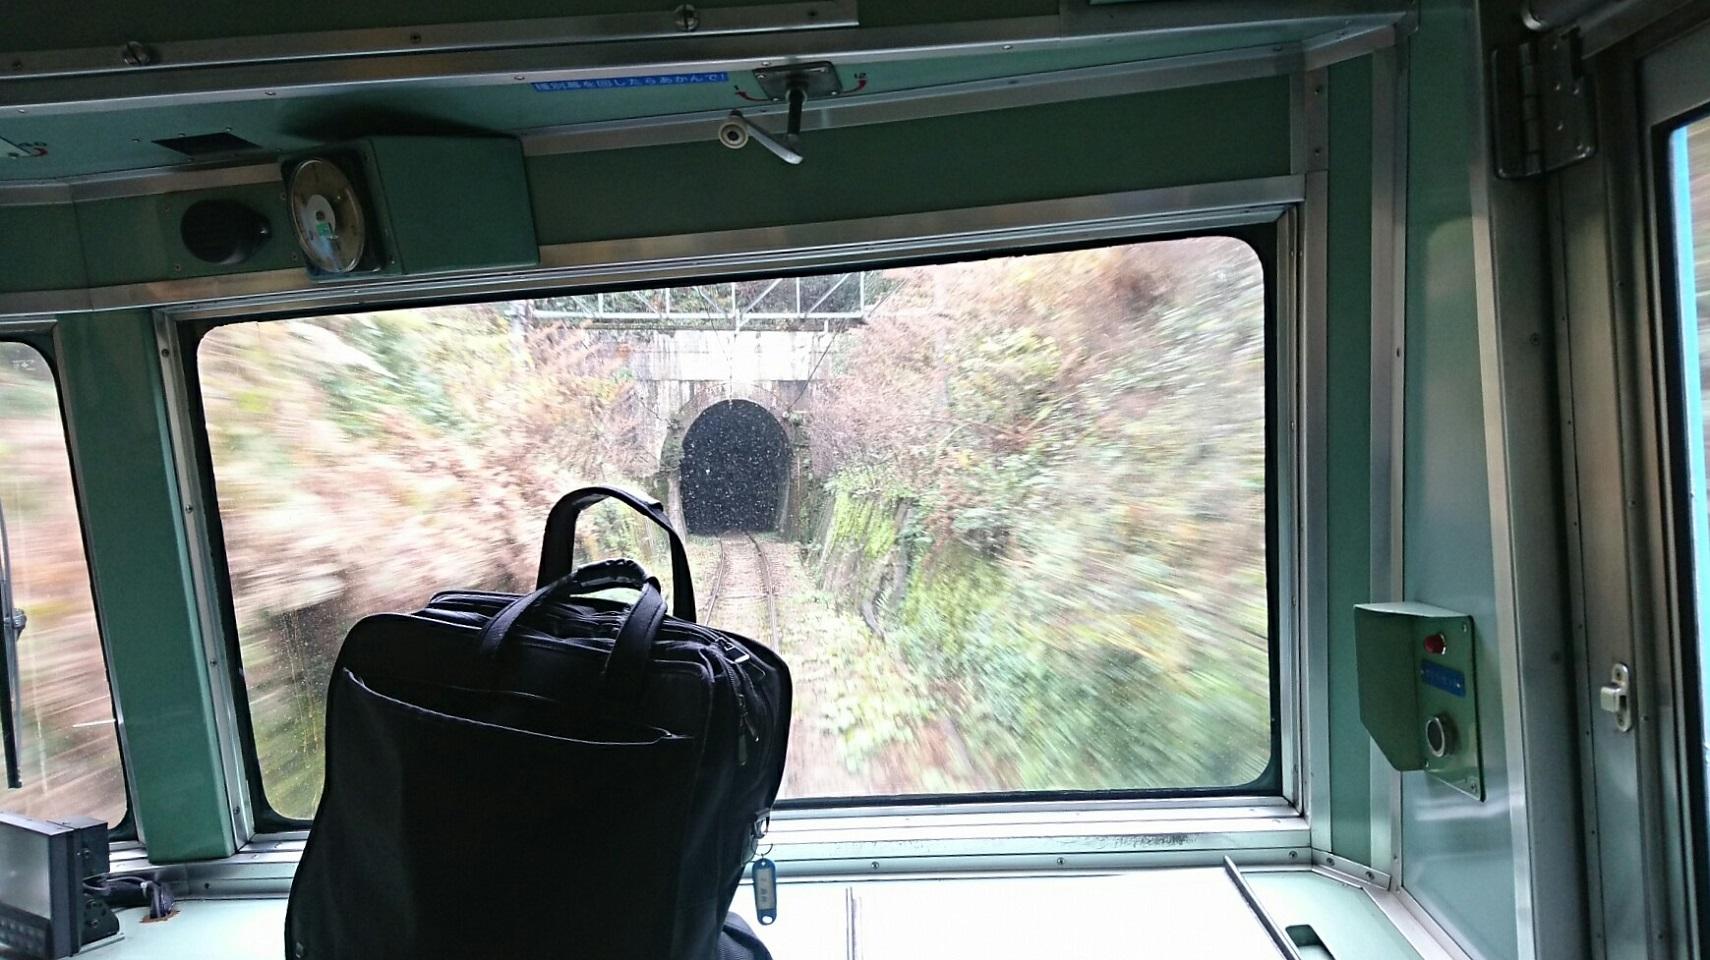 2017.11.17 八日市 (3) 多賀大社前いきふつう - 佐和山トンネル 1710-960